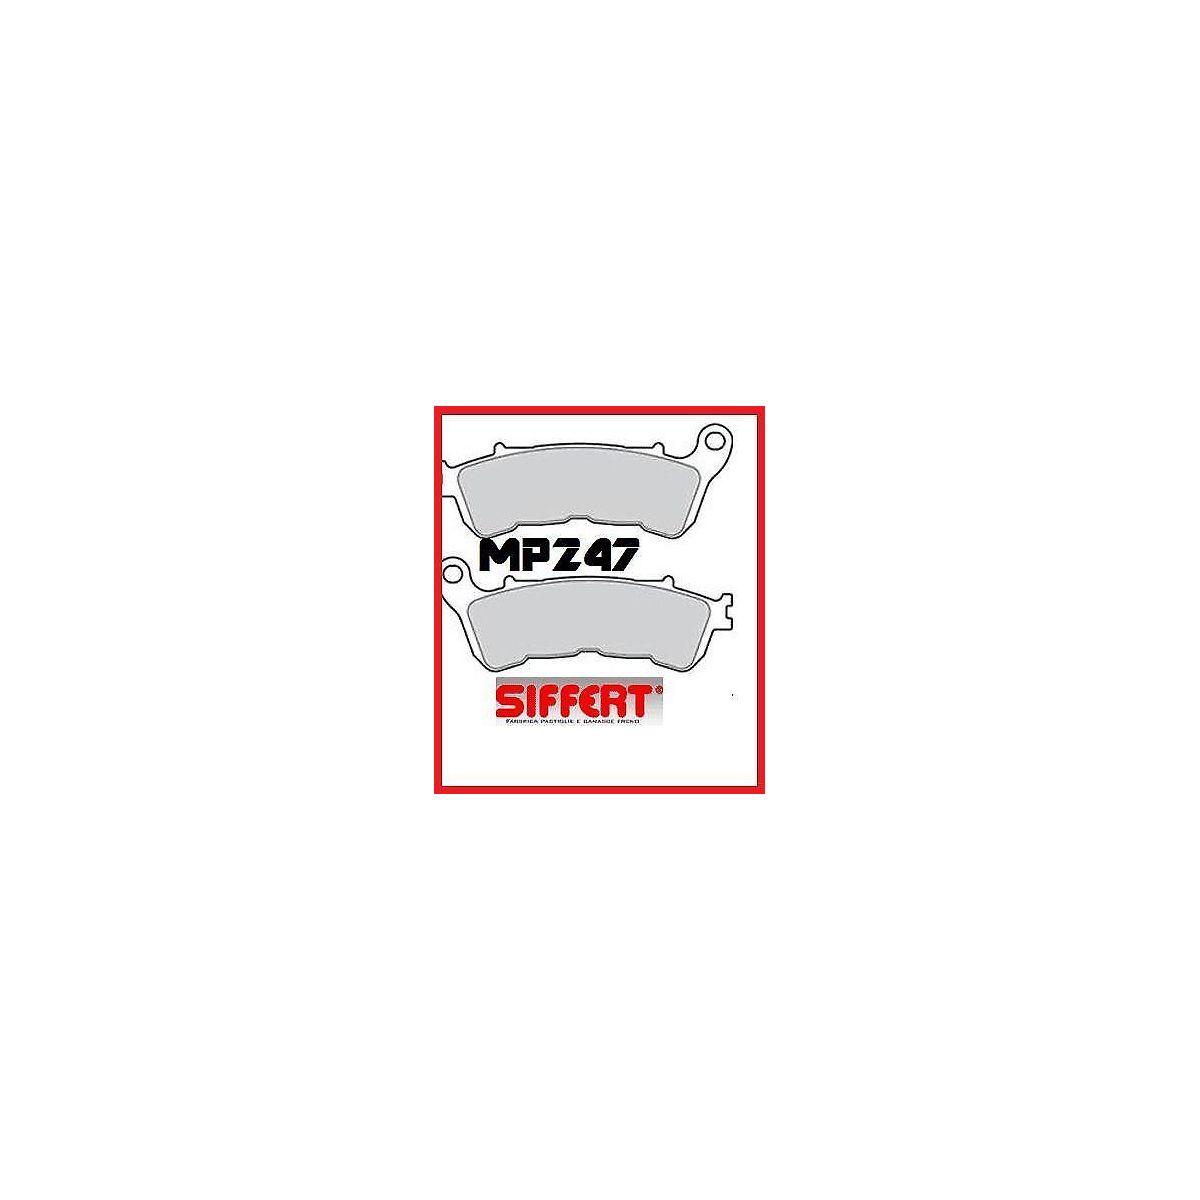 PASTIGLIE SIFFERT MP 247 ANTERIORI HONDA SH 125 E 150  2009 —> SH 300 TIPO ORIGINALE